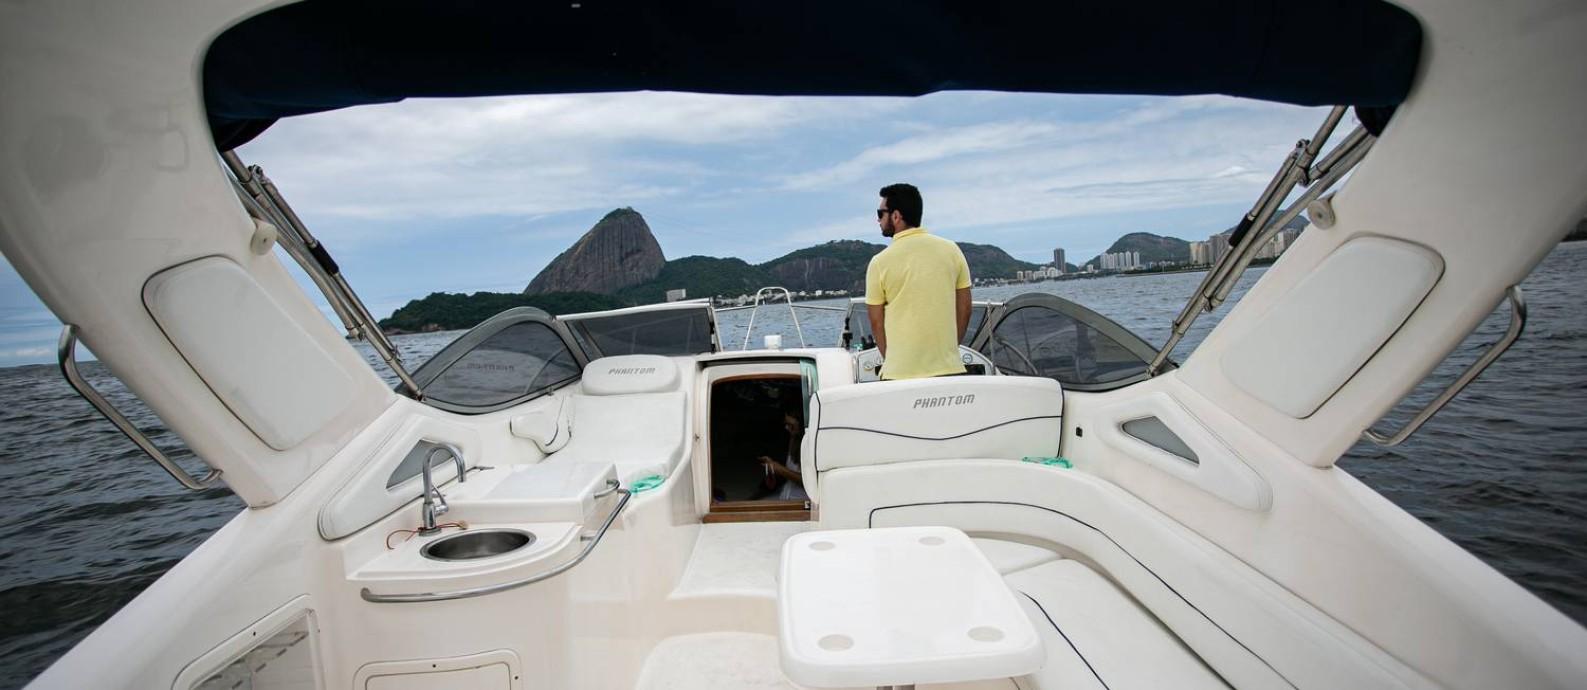 Gabriel Rodrigues na Marina da Glória. Ele acabou de comprar um barco juntamente com um amigo, para poder passear com a família com mais tranquilidade e segurança. Marina da Glória. Foto: Hermes de Paula / Agência O Globo